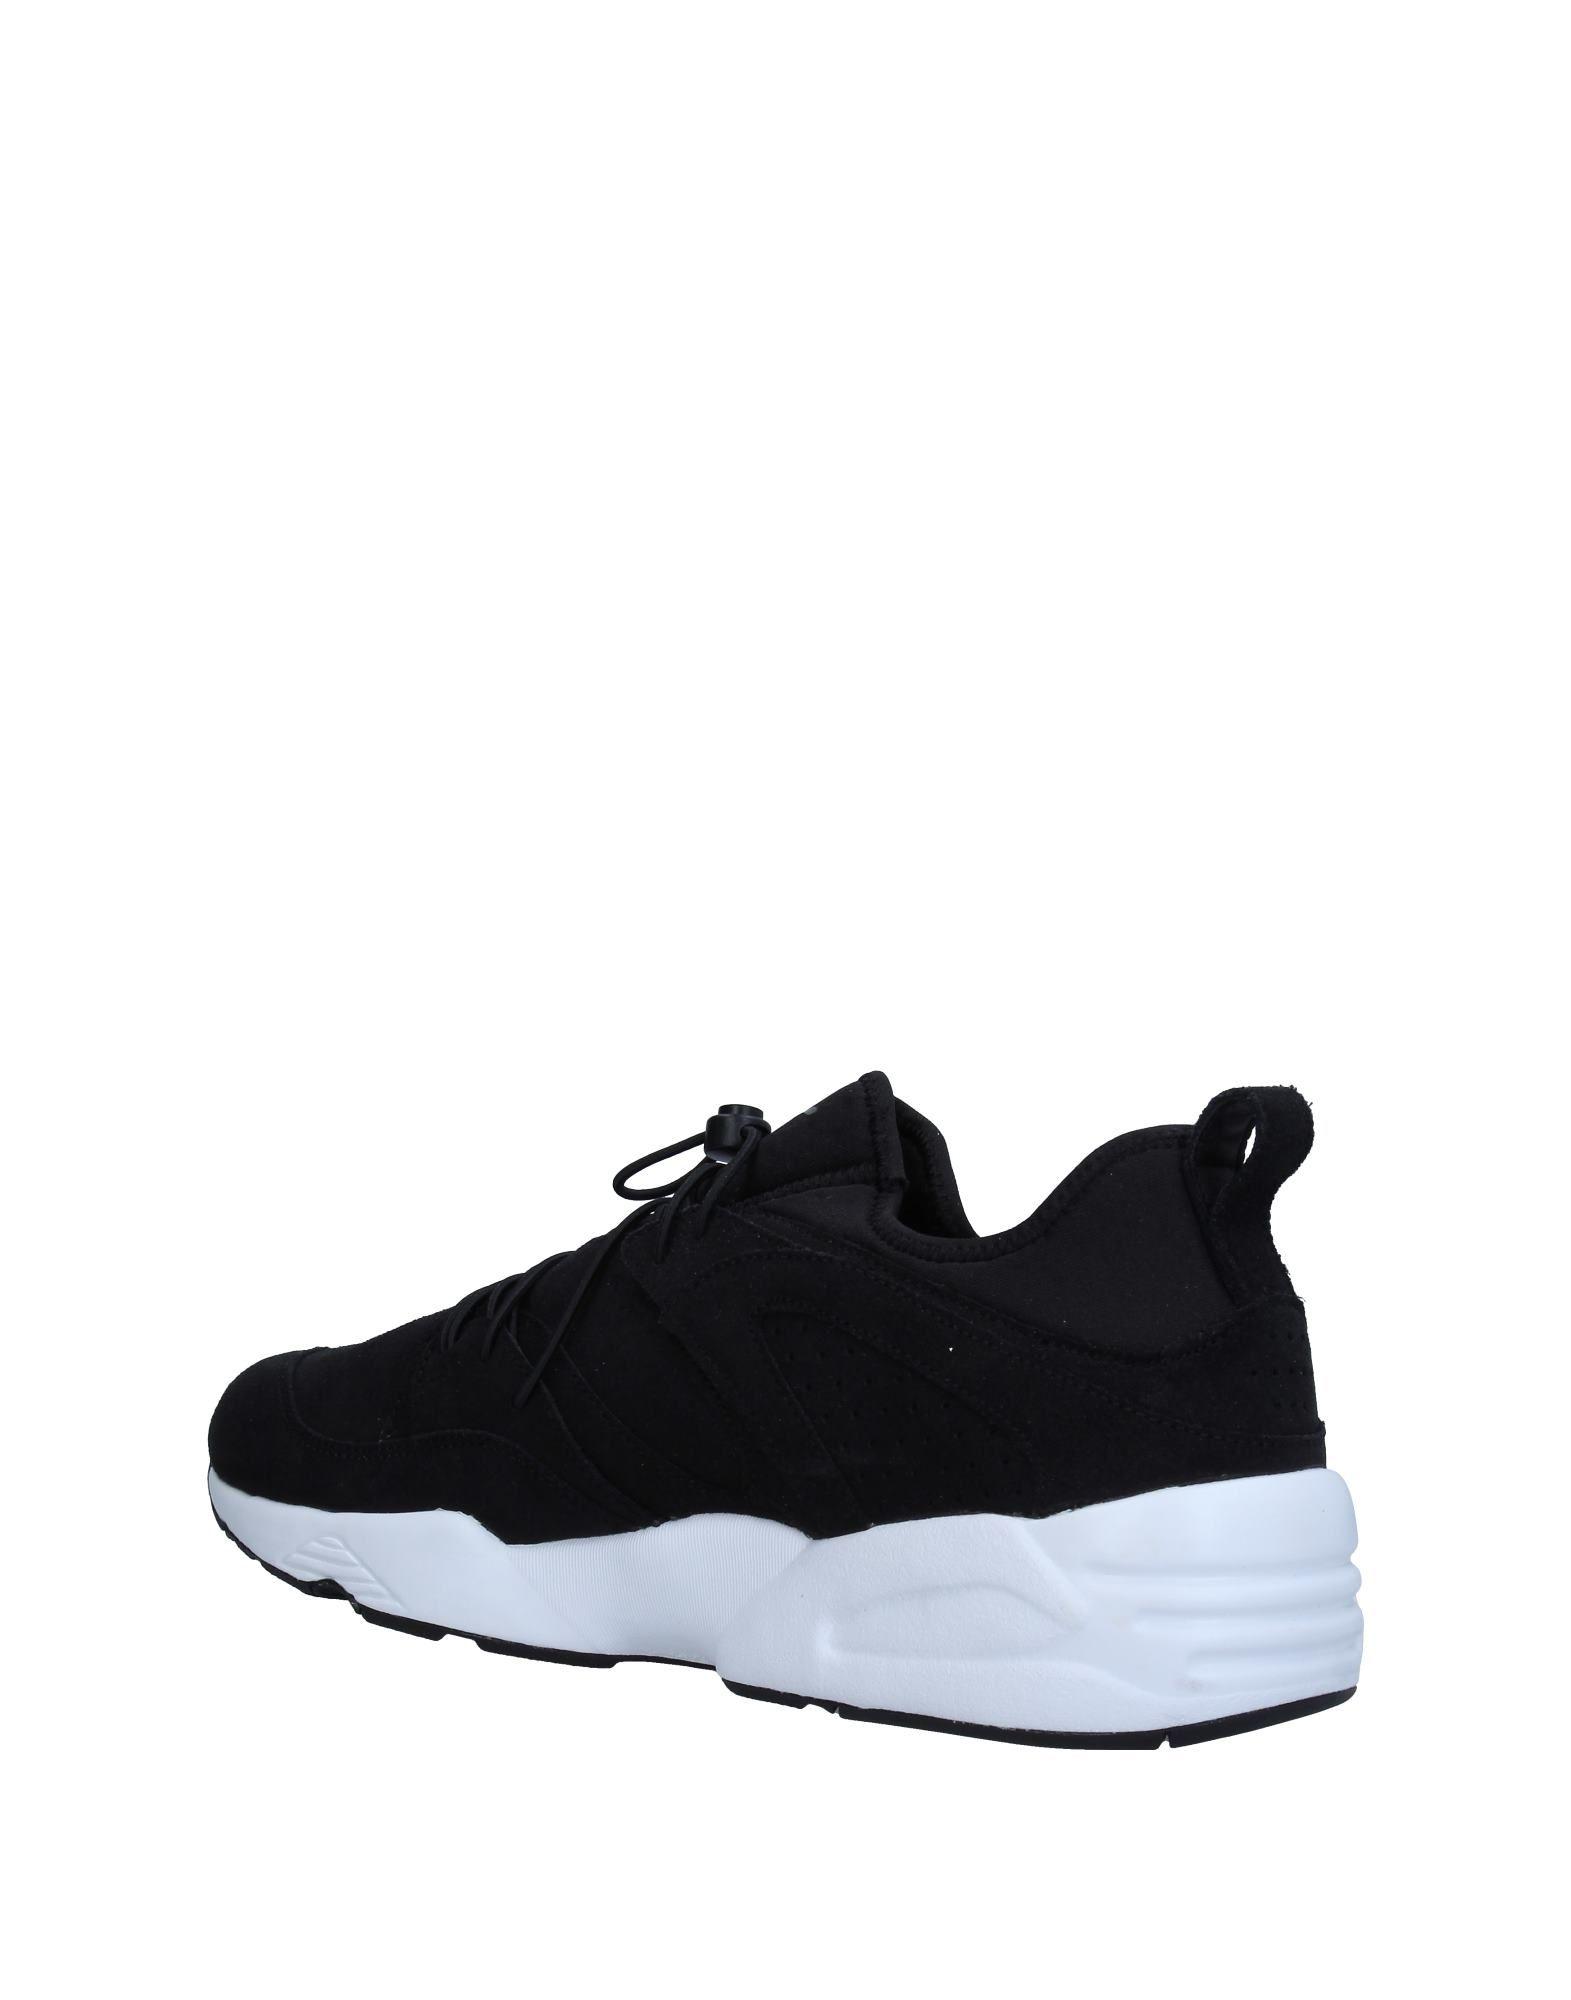 Puma Sneakers Herren Heiße  11333719GN Heiße Herren Schuhe 462257